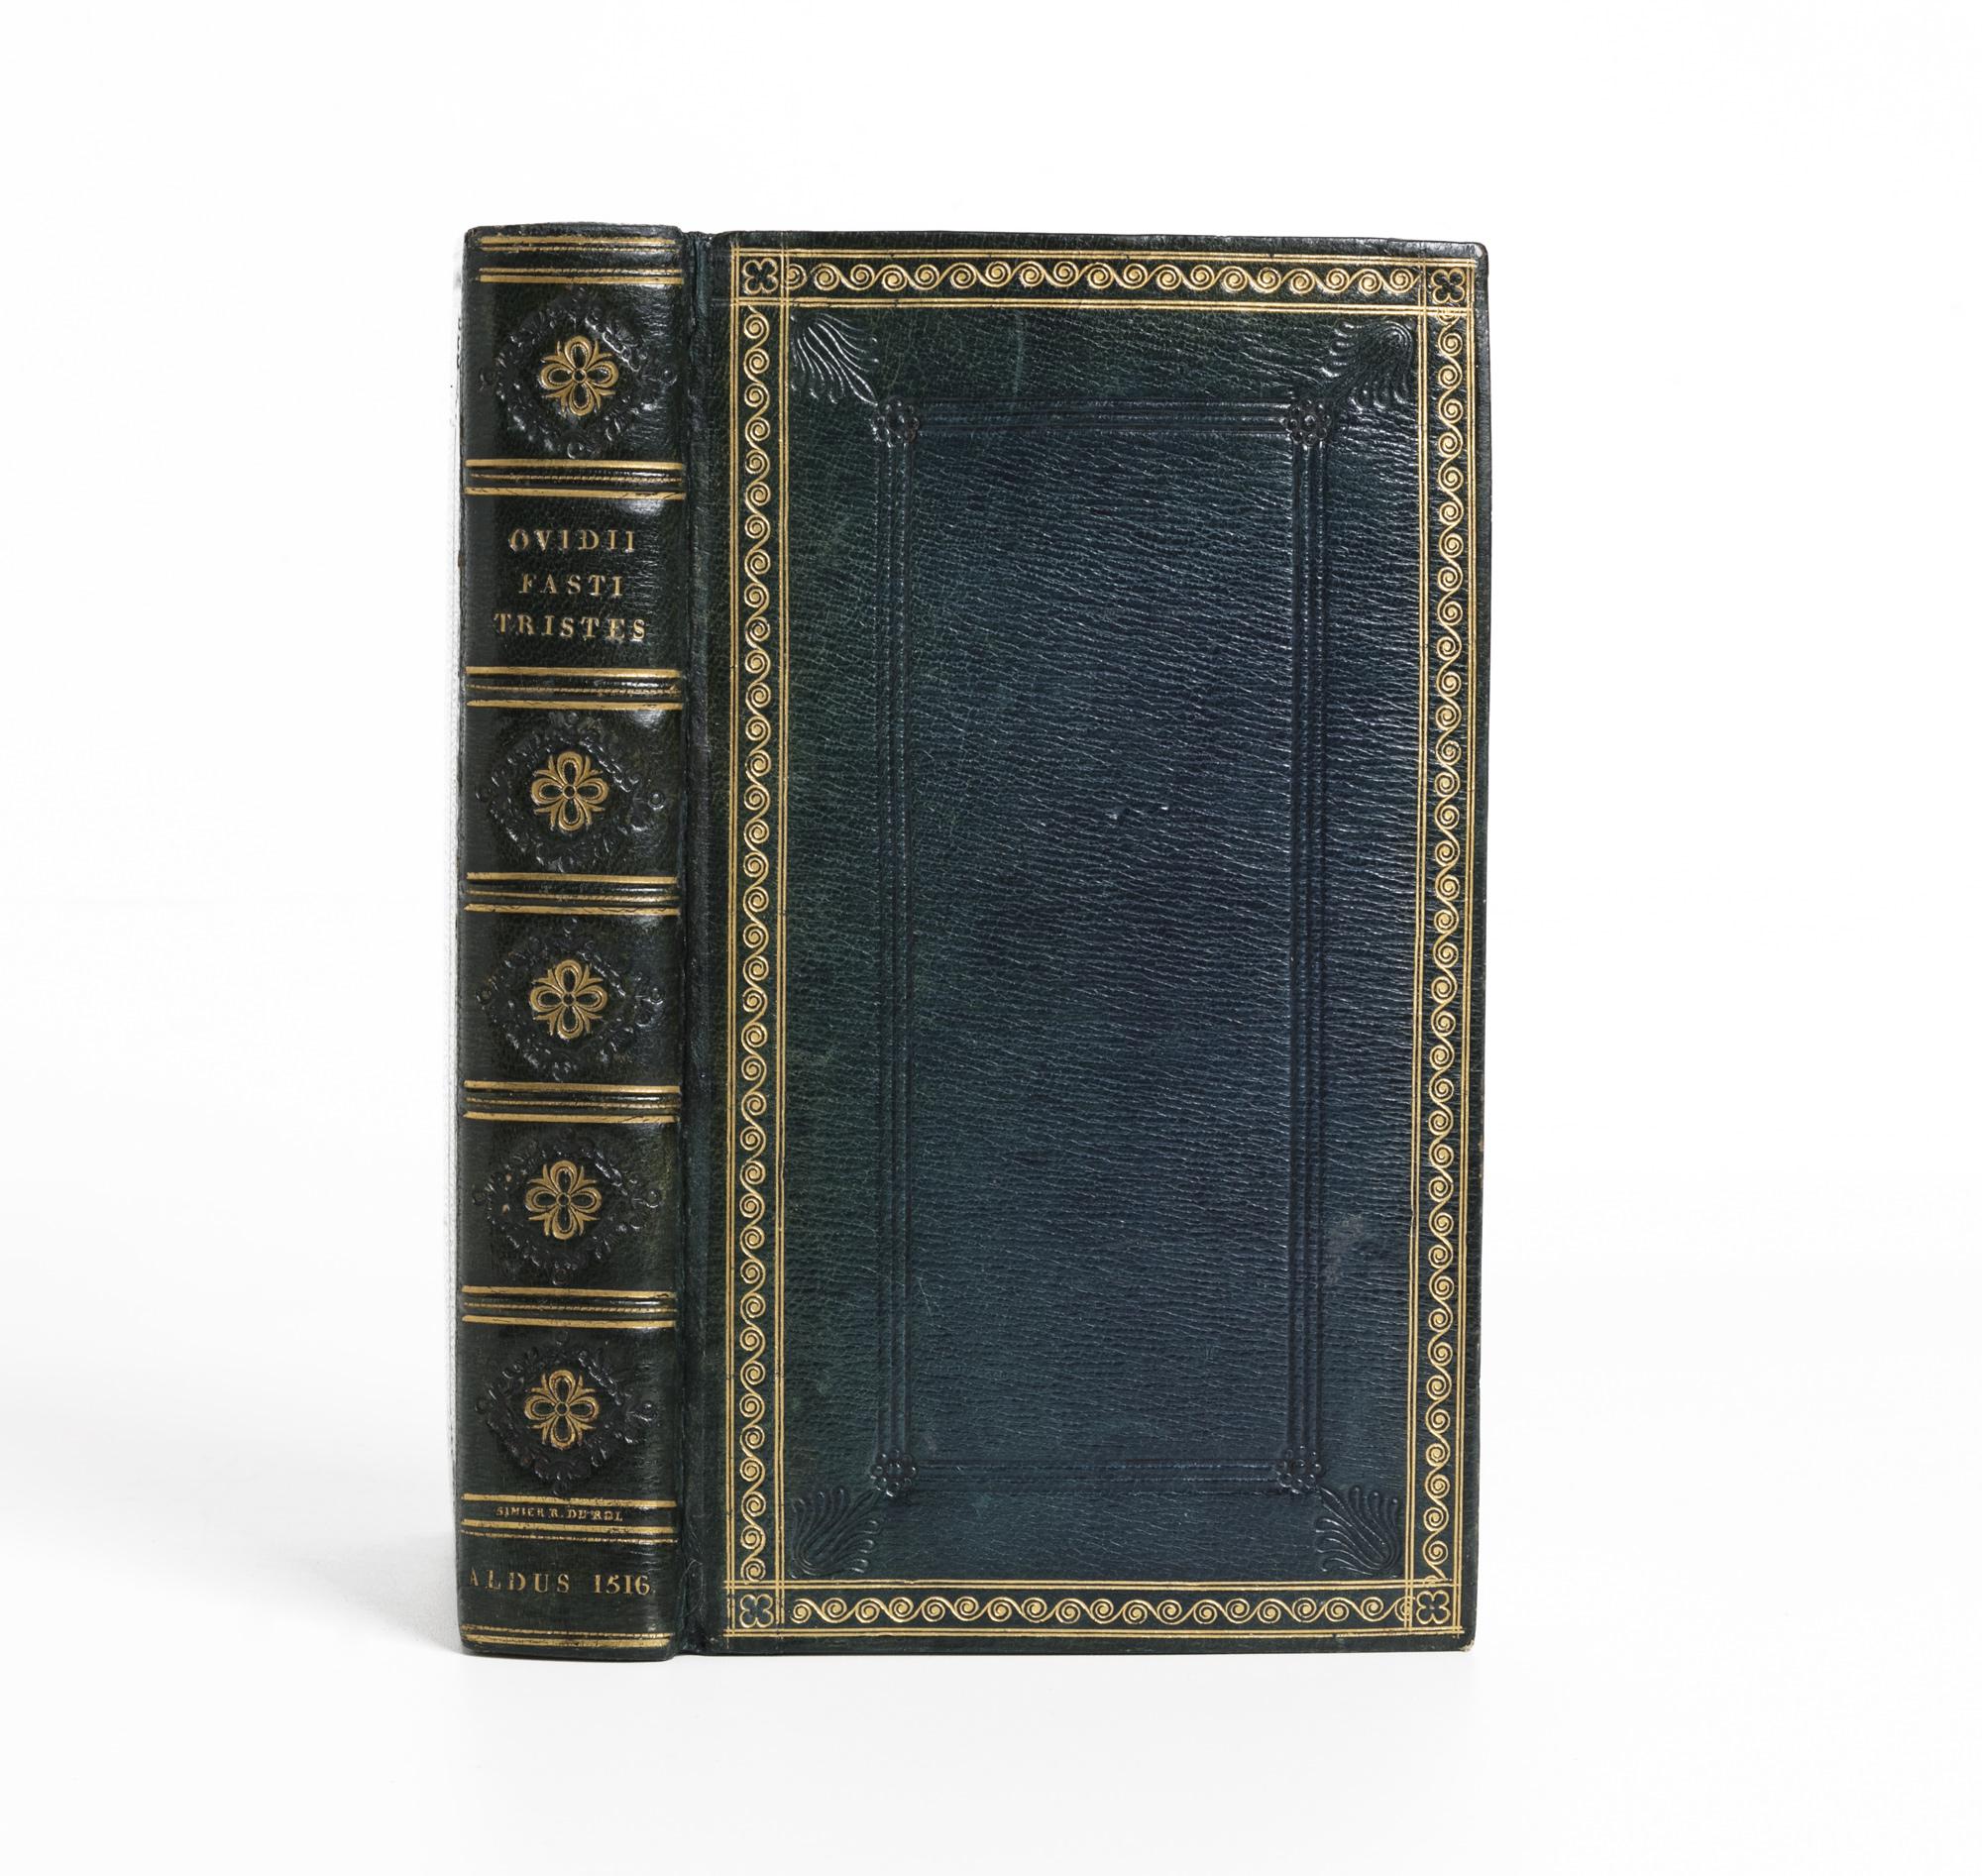 Inerrantium stellarum …Fastorum libris excerpta. P. Ouidij Nasonis Fastorum lib. 6. Tristium lib. 5. De Ponto lib. 4. In Ibin. Ad Liuiam